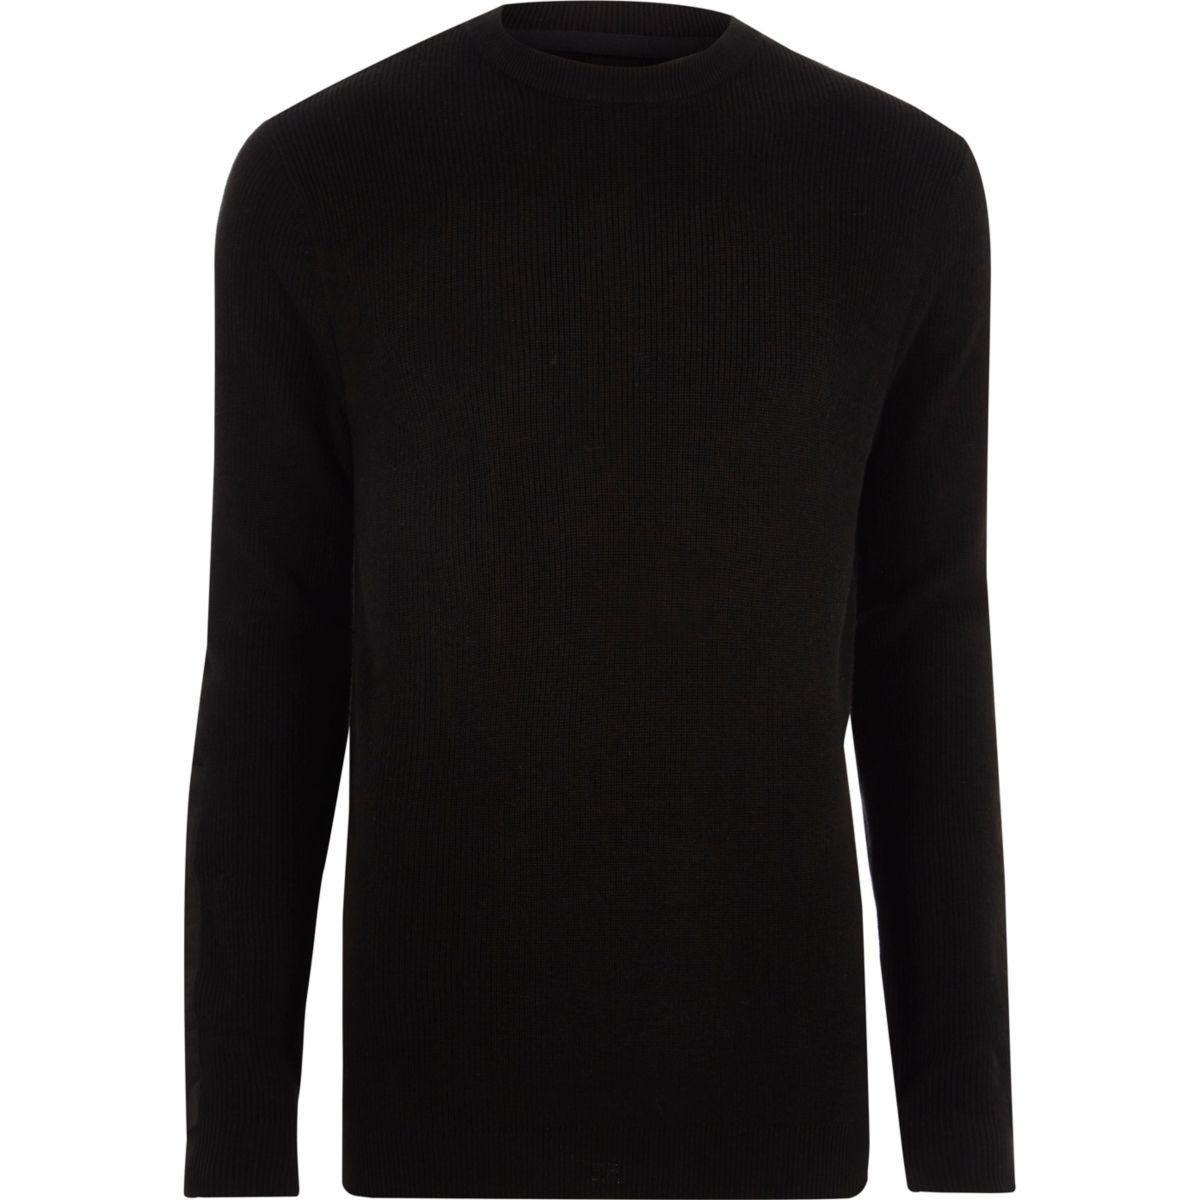 Schwarzer Pullover mit Rundhalsausschnitt